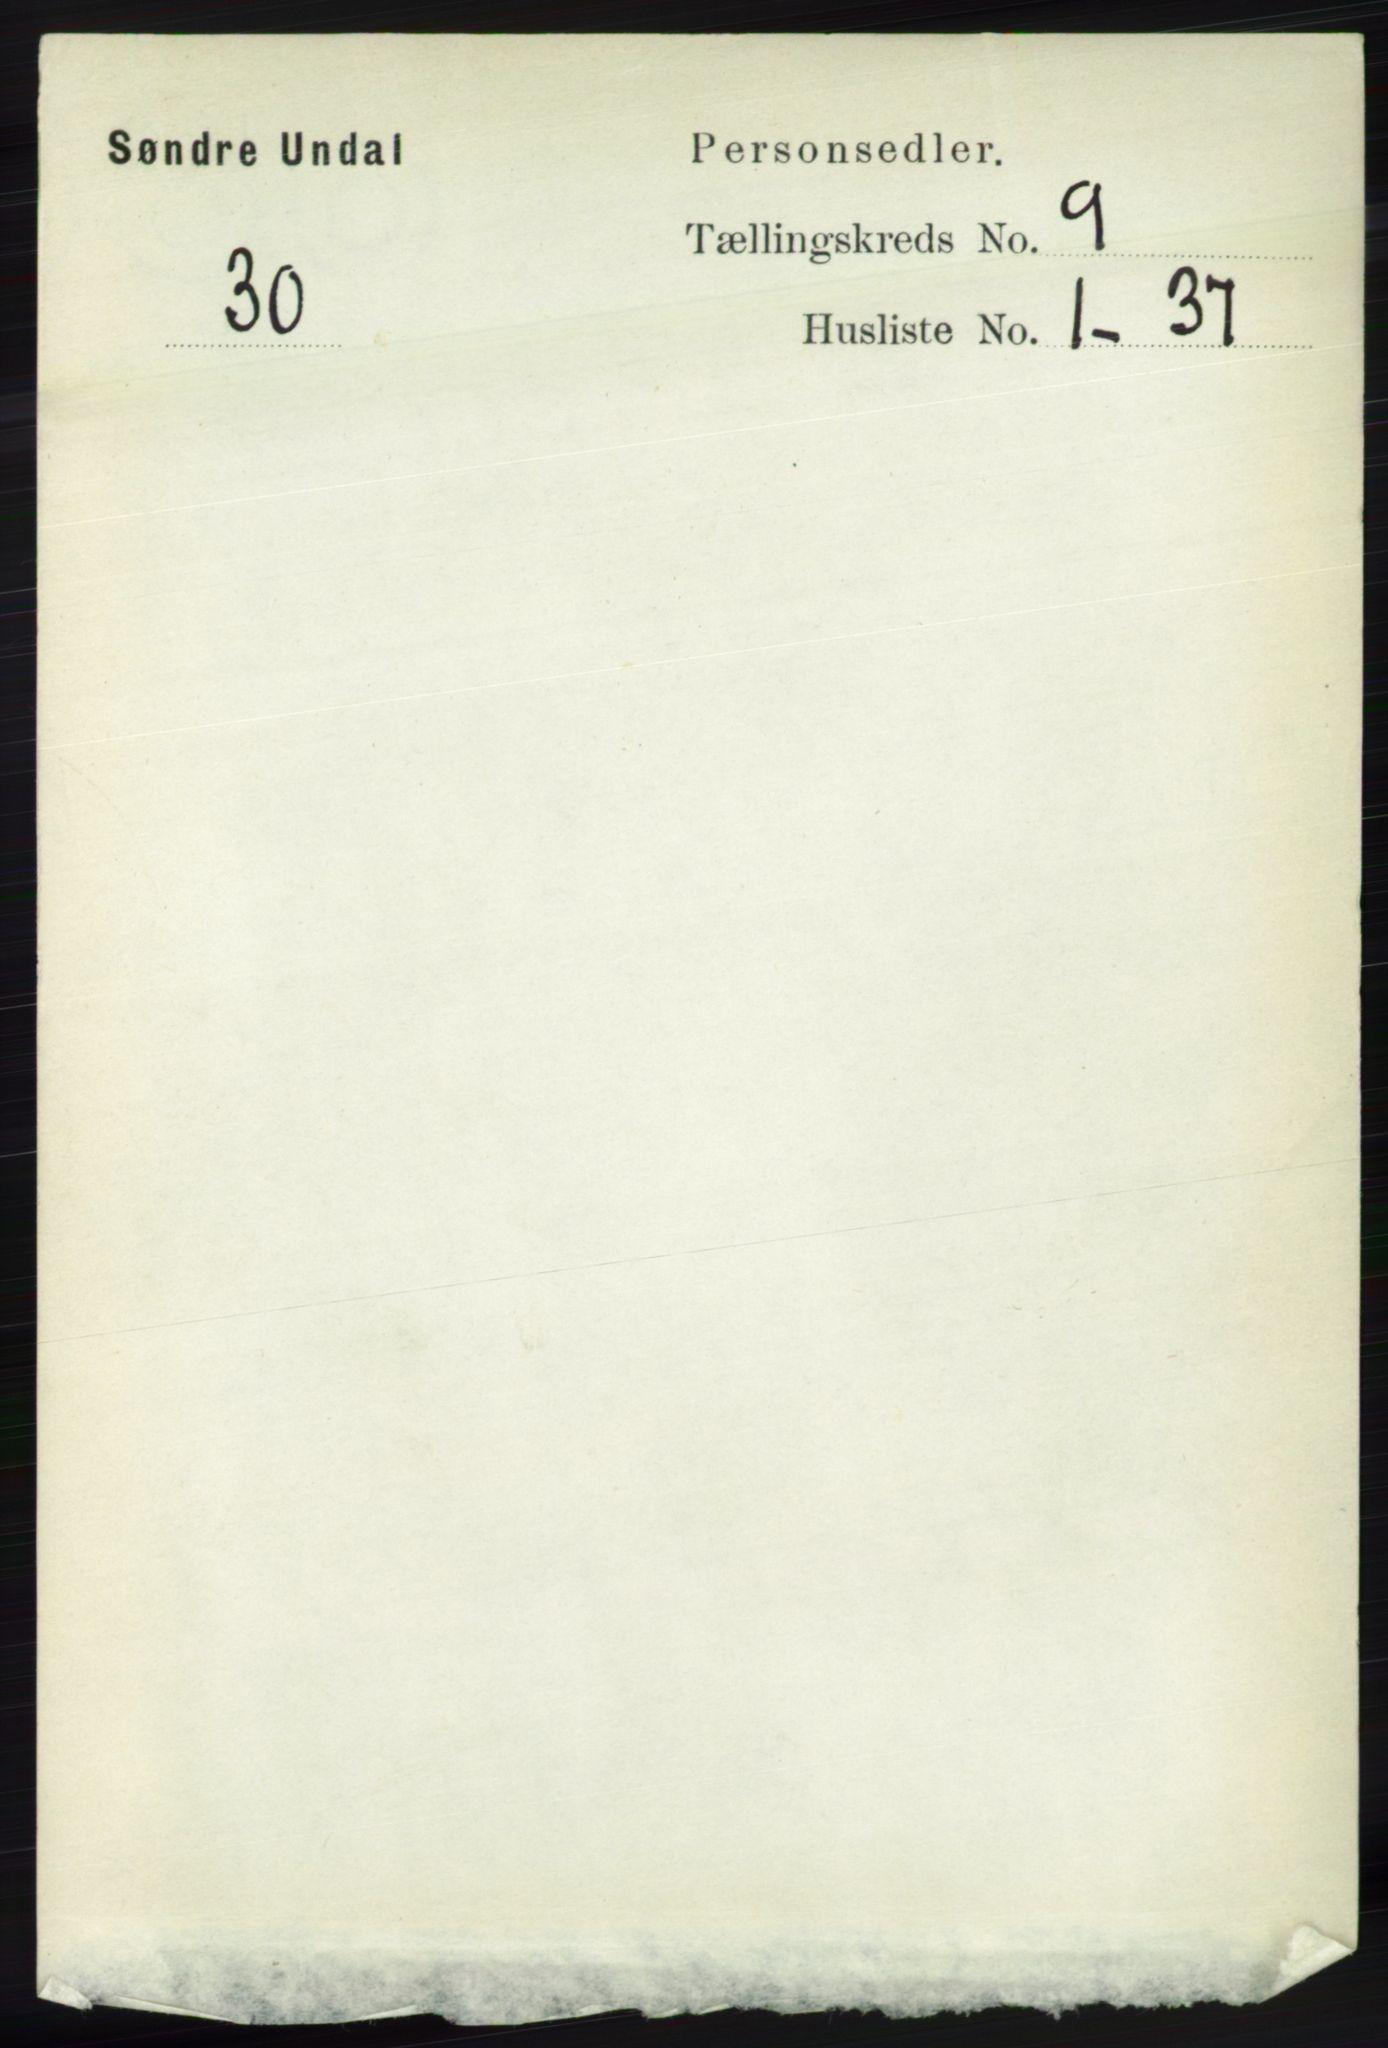 RA, Folketelling 1891 for 1029 Sør-Audnedal herred, 1891, s. 3919